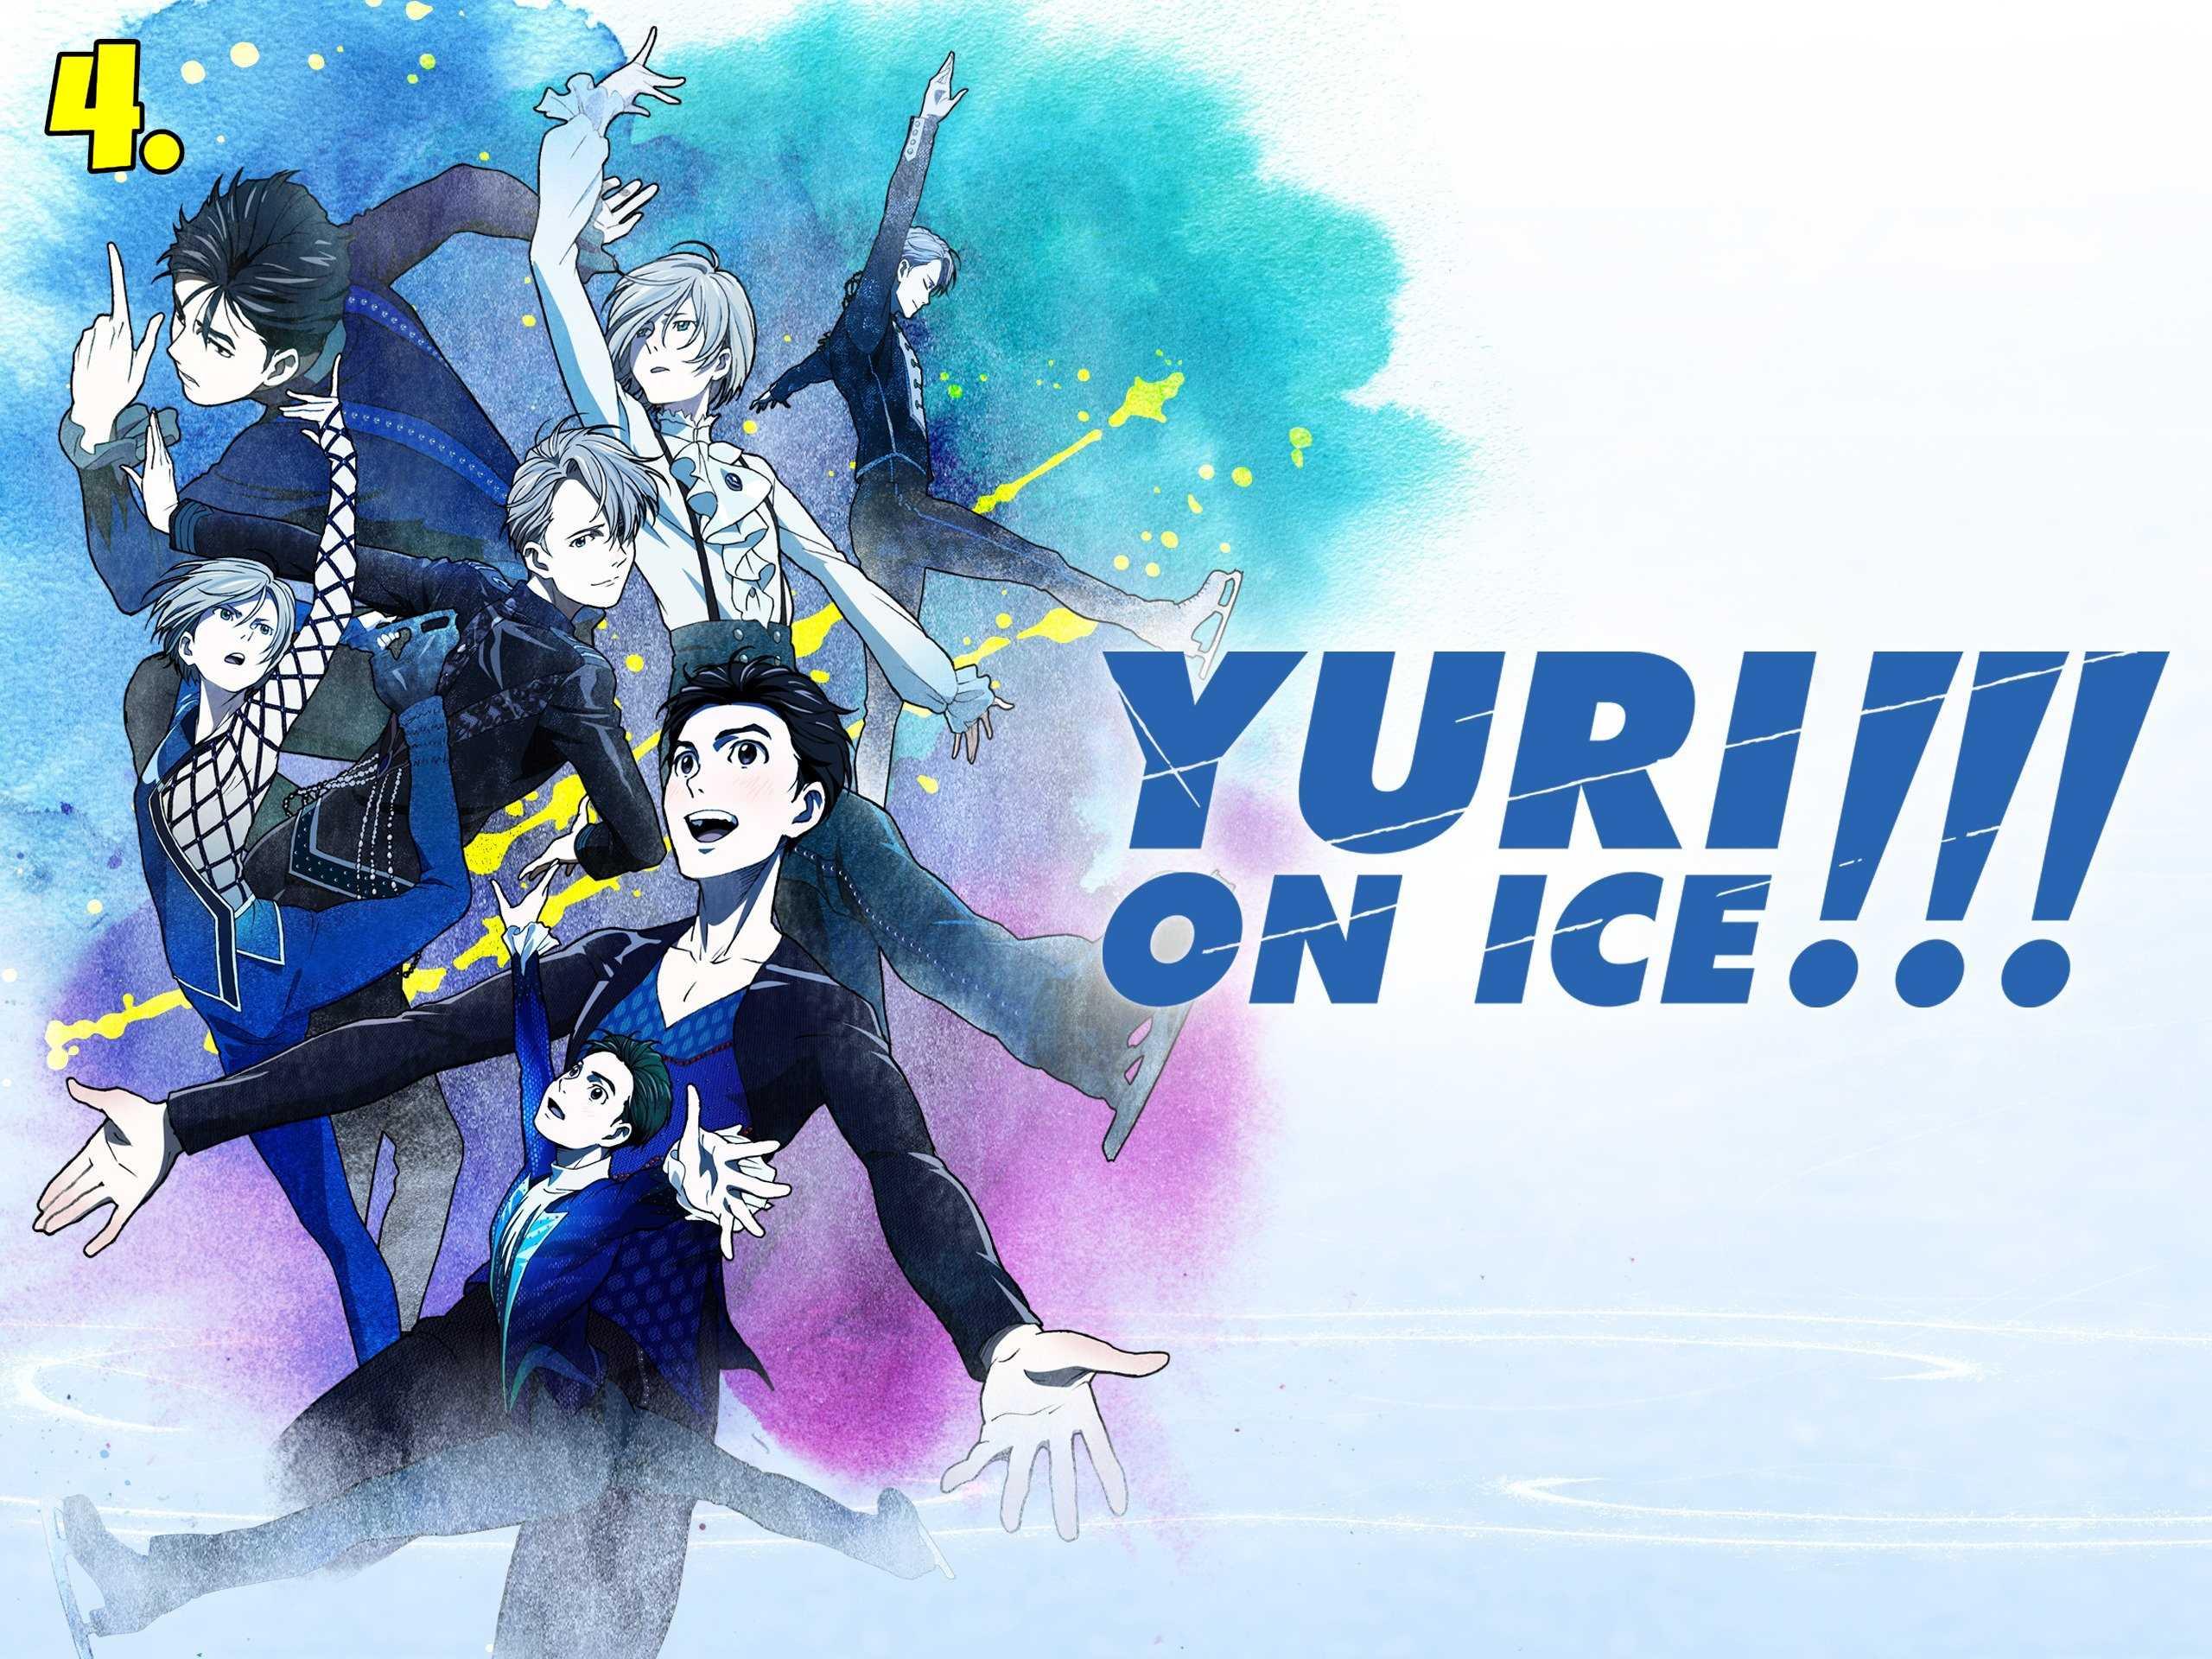 Yuri!! On Ice